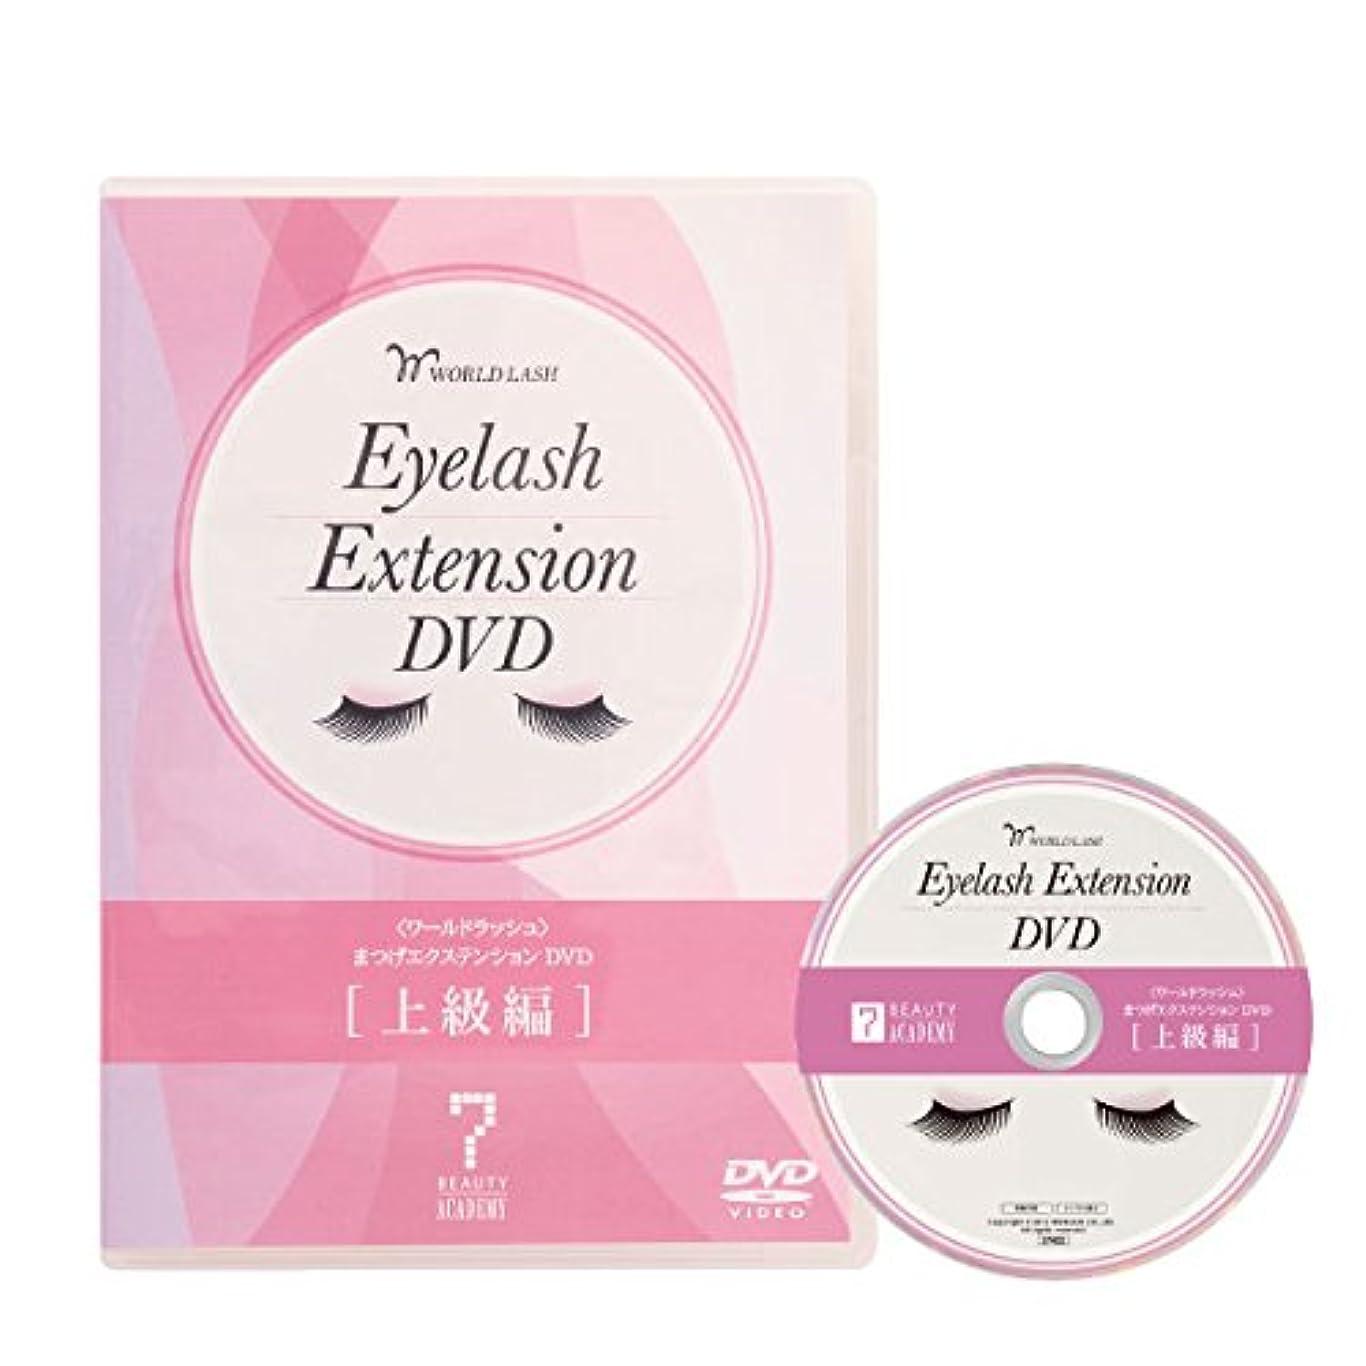 アンケートファイター道路を作るプロセス< WORLD LASH > まつげエクステンション DVD (上級編) [ 教材 テキスト DVD まつげエクステ まつ毛エクステ まつエク マツエク サロン用 ]